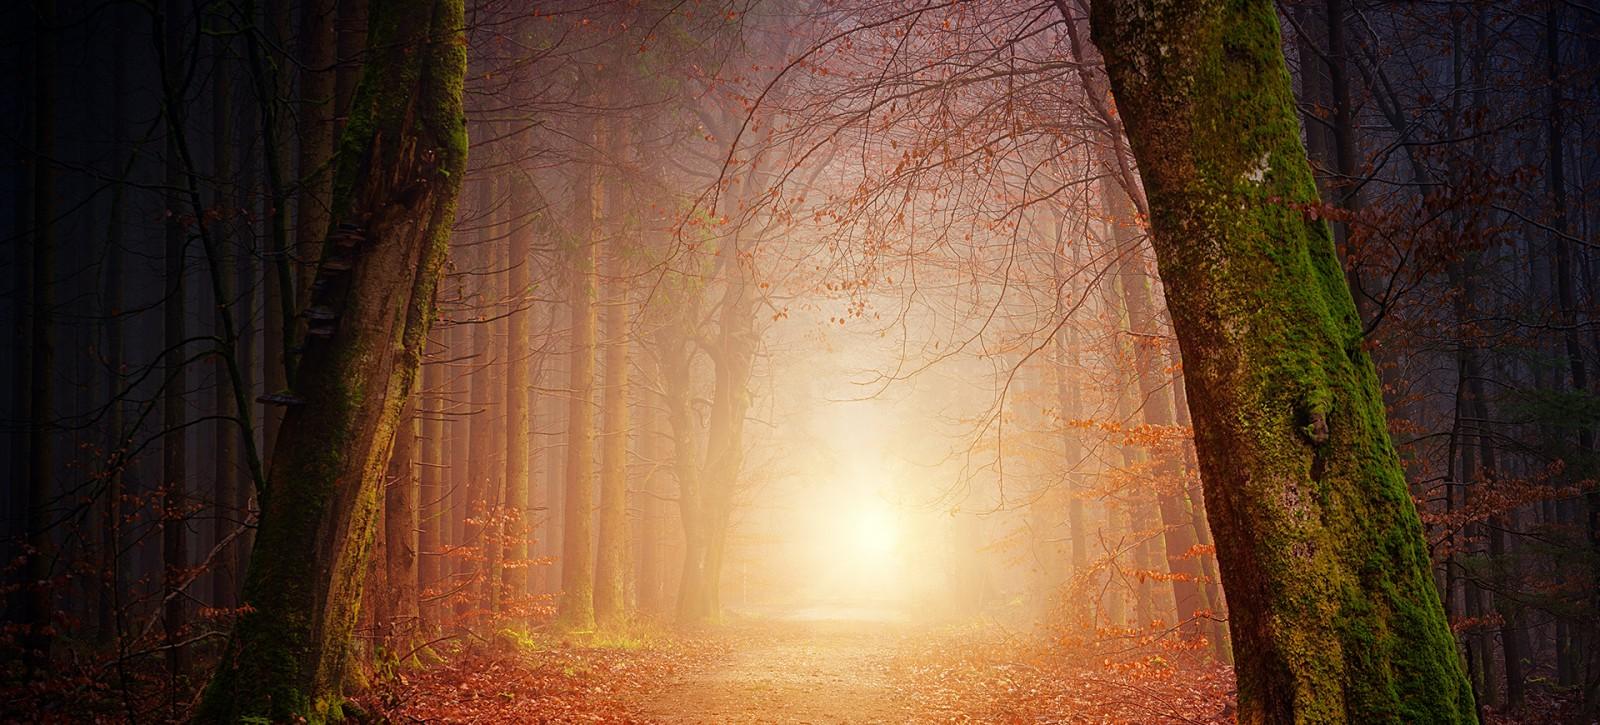 05_RECENZJE__Tymoteusz Karpowicz__Lekcje lasu w poezji Tymoteusza Karpowicza